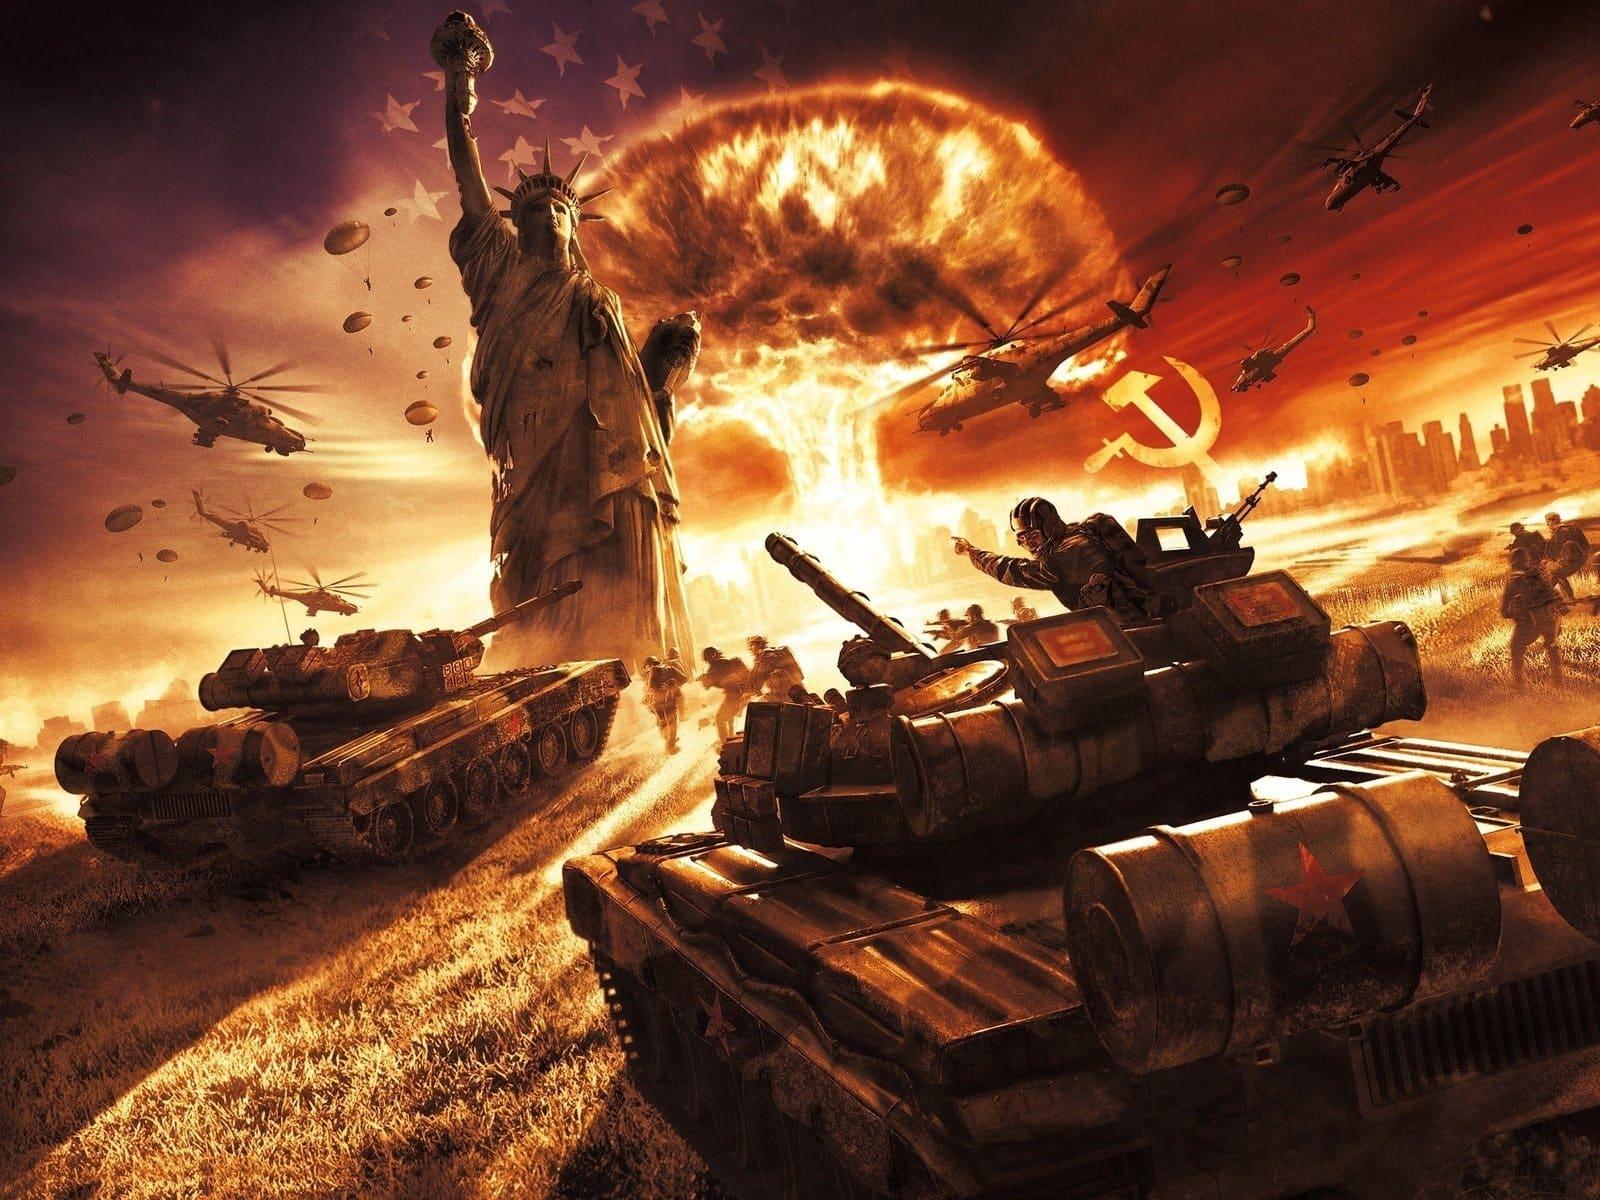 Третья мировая война: из-за чего может начаться, что послужит началом конфликта